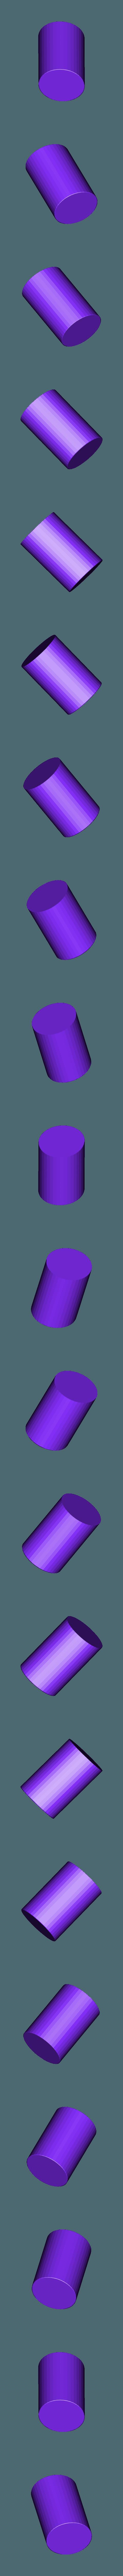 gorilla_tron_neck_pin.stl Download free STL file G - TRON • 3D printable model, TheTNR